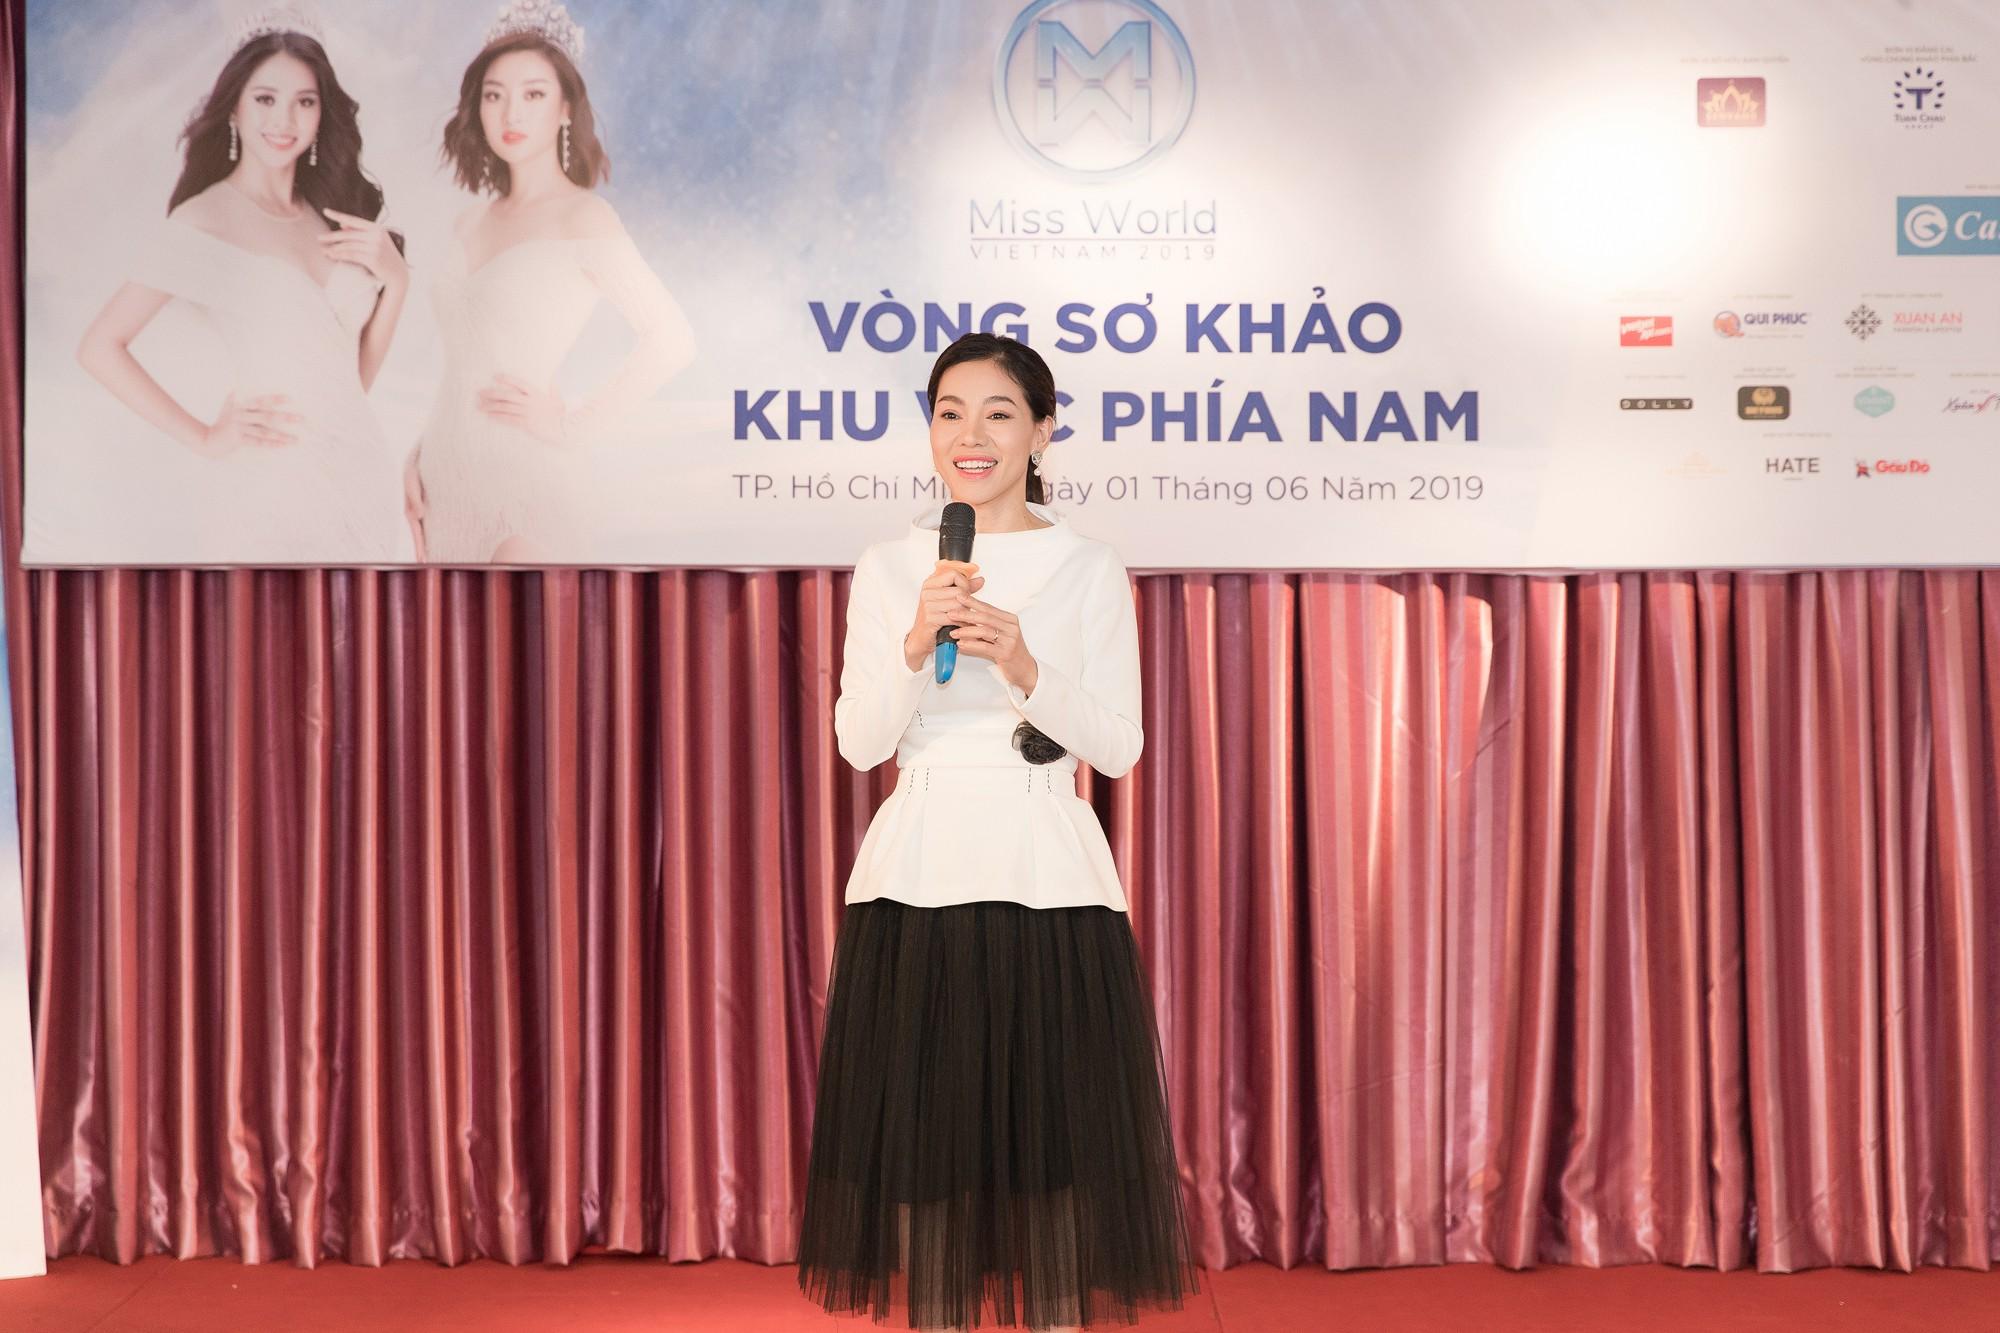 Top 34 thí sinh khu vực phía Nam Hoa hậu Thế giới Việt Nam 2019 chính thức lộ diện  - Ảnh 1.